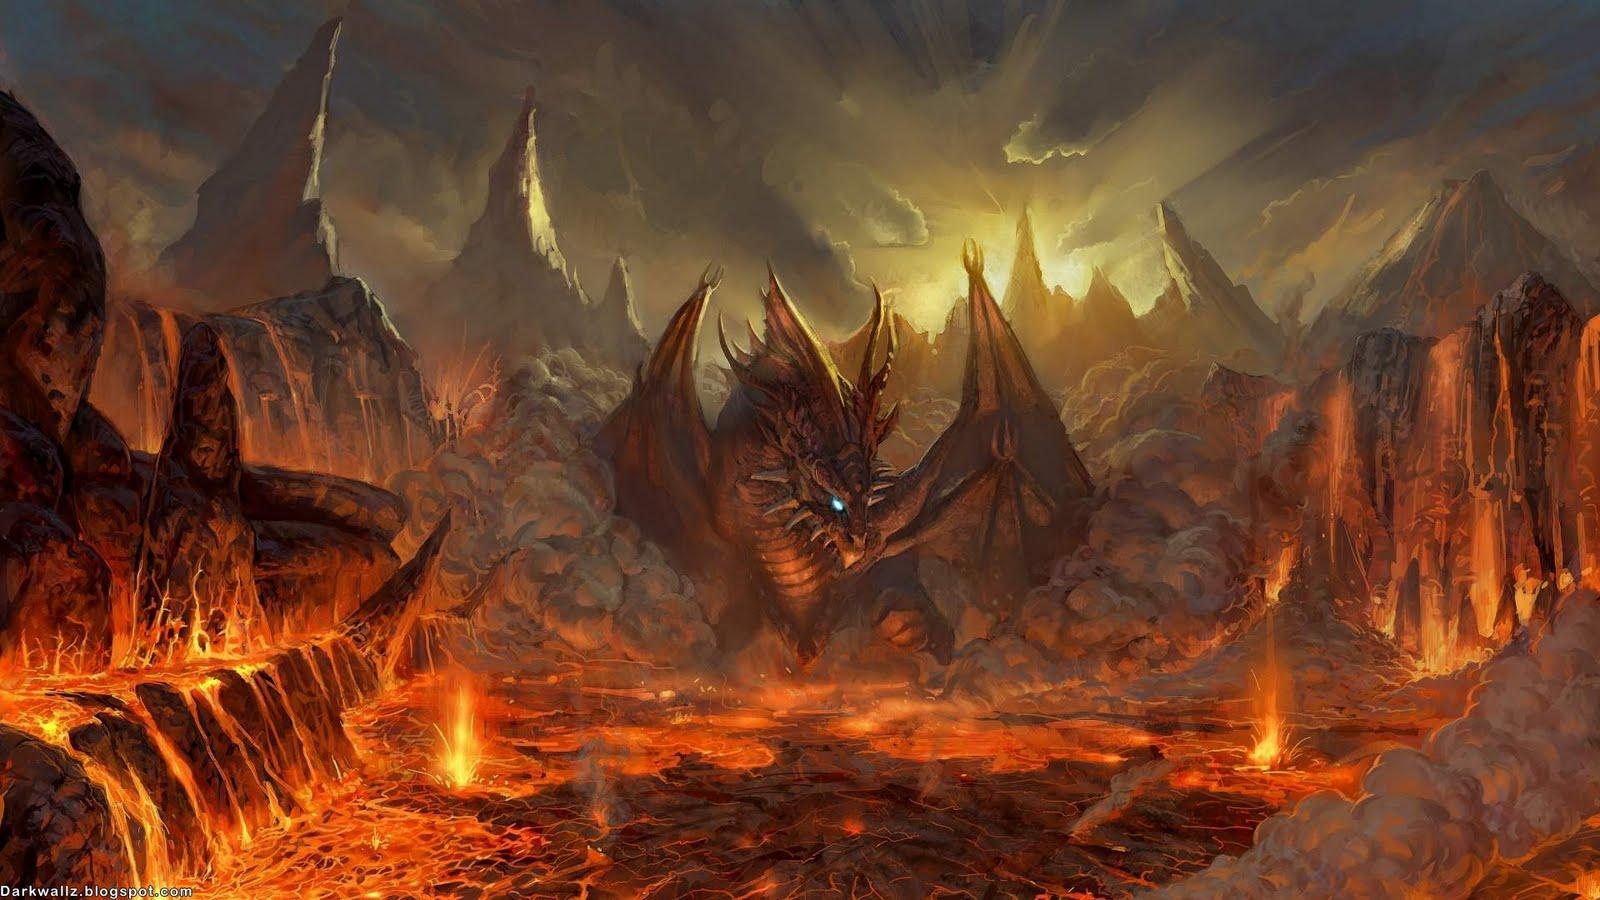 Dark Dragons Wallpapers 53 | Dark Wallpaper Download